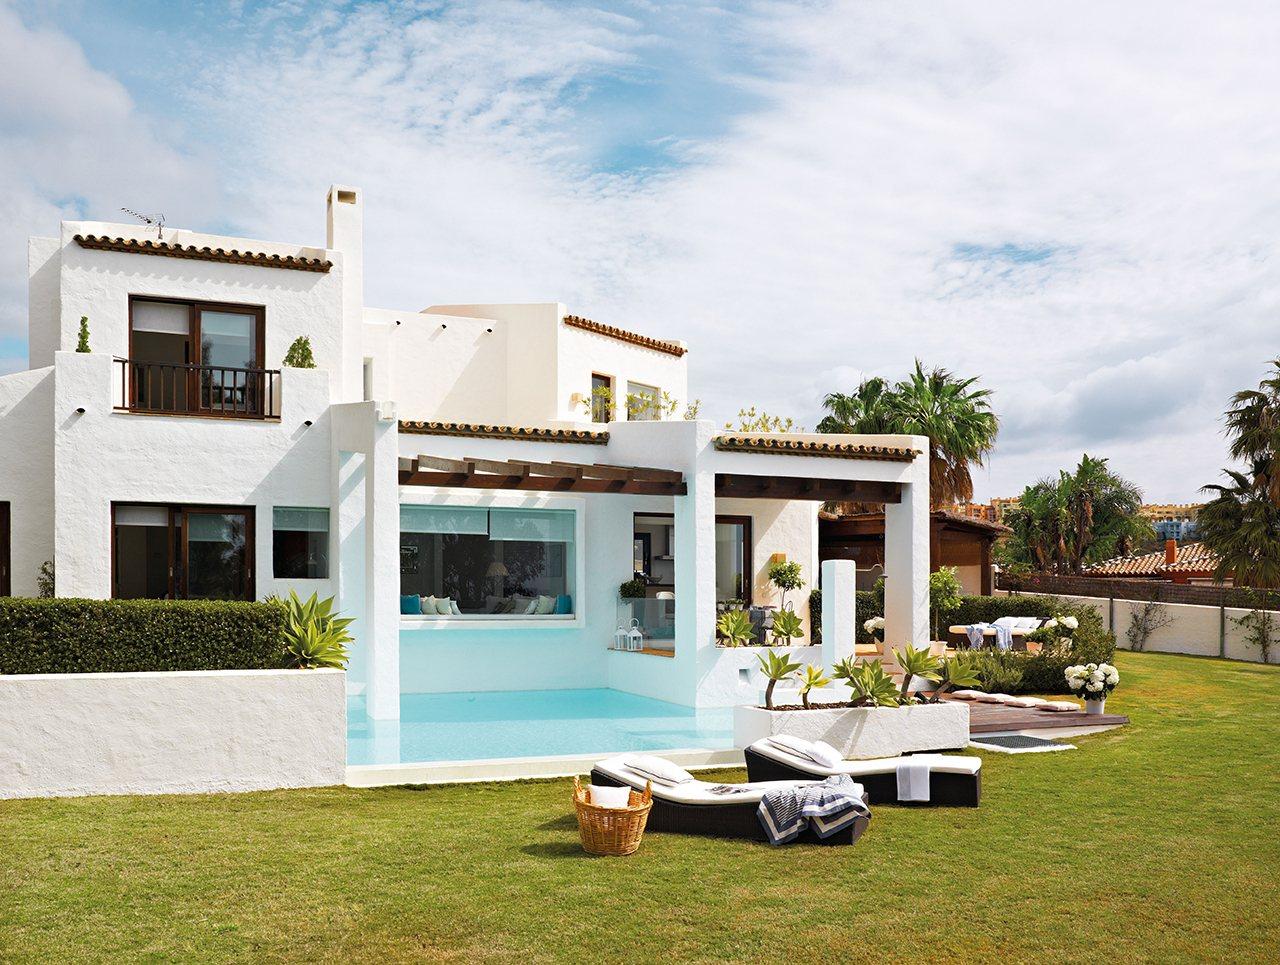 Una casa fresca de esencia andaluza for Casas con jardin y piscina